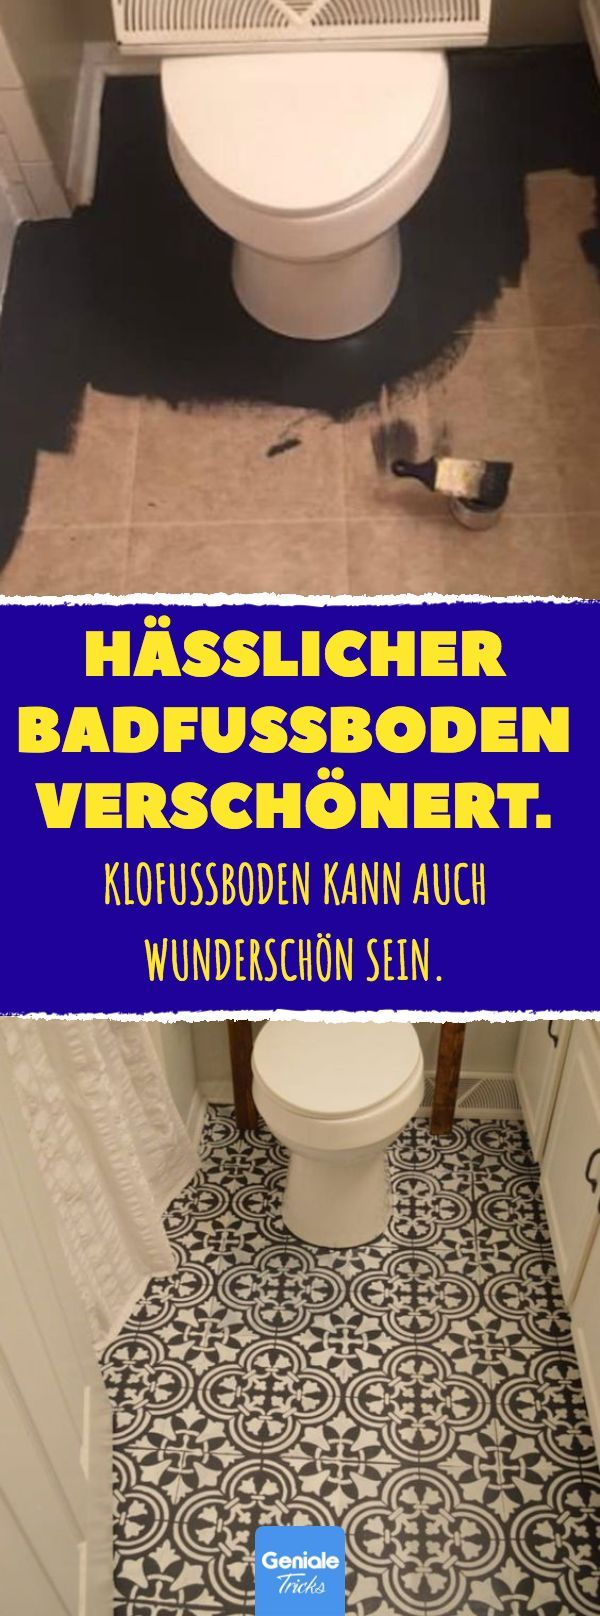 Hässlicher Badfußboden verschönert. #bad #toilette #badezimmer #fußboden #li